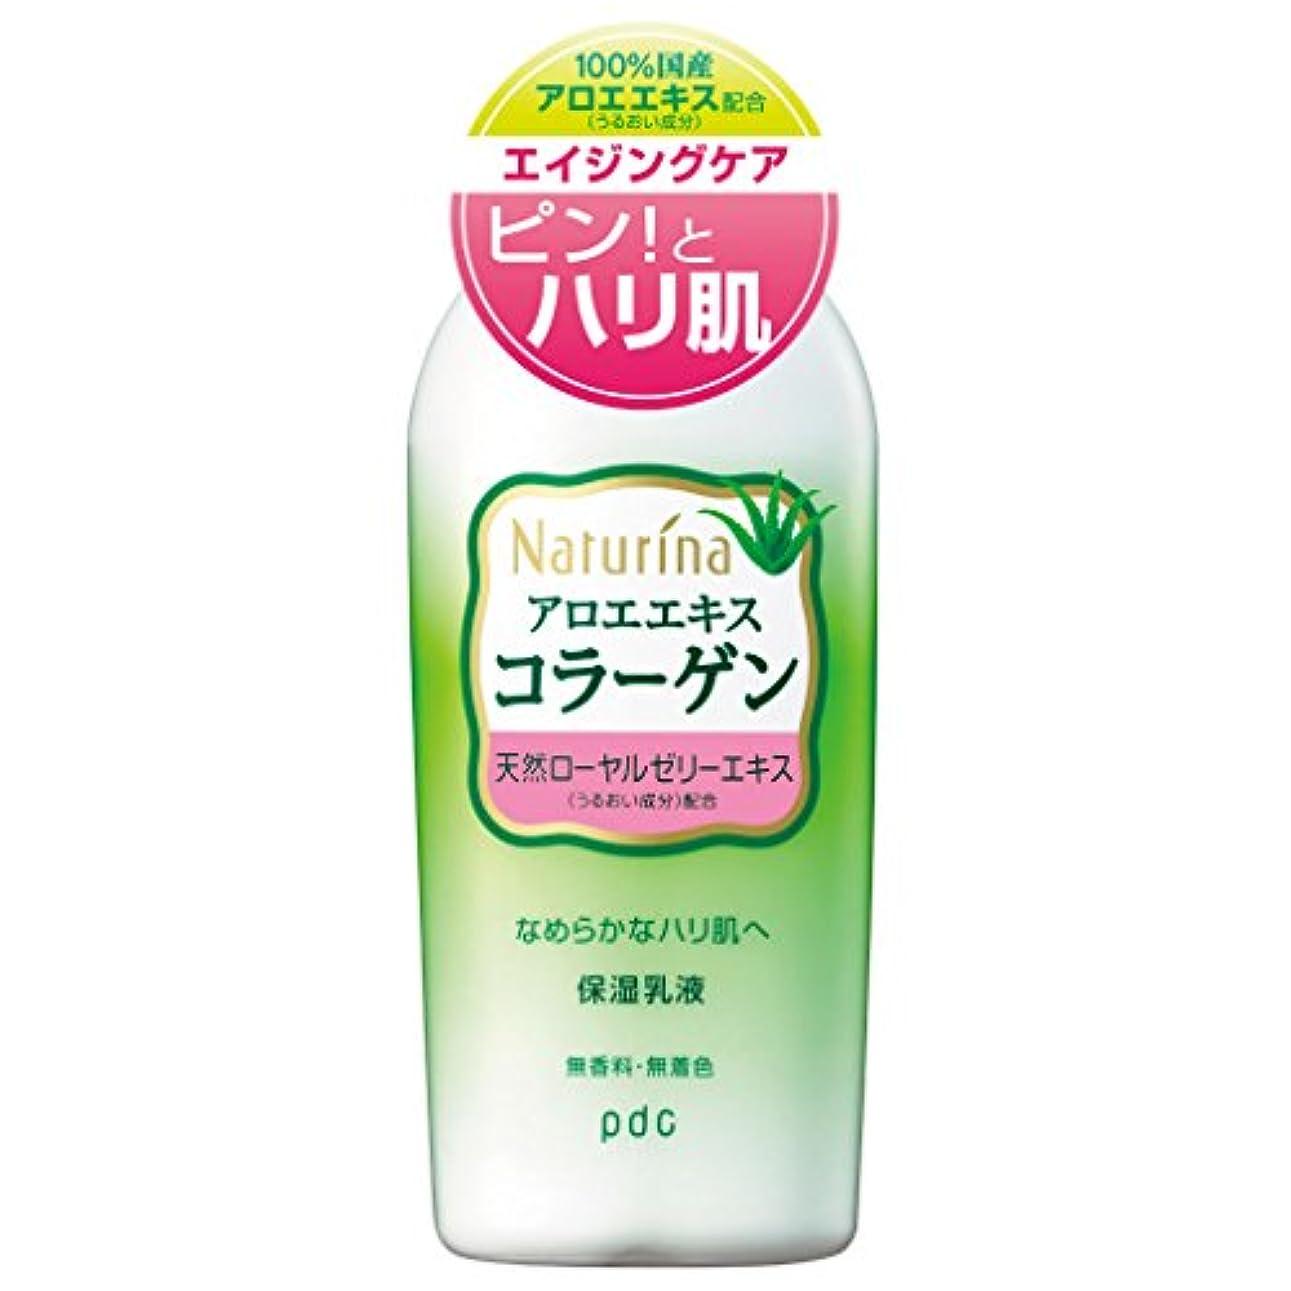 無傷バナー忠実なナチュリナ ミルク (乳液) 190mL